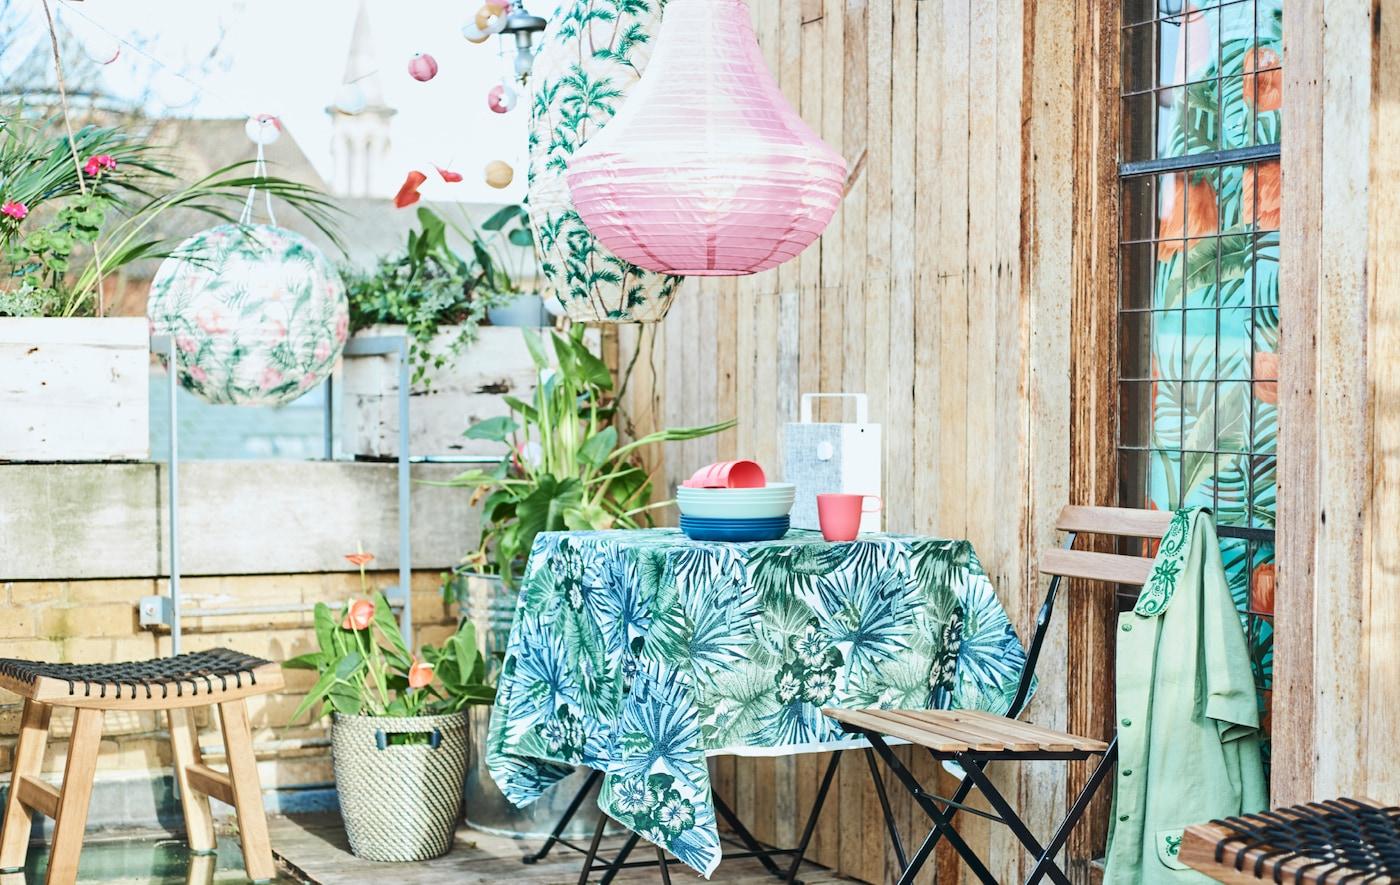 Крыша городского здания: садовый стол с тканью, украшенной узором из листьев, складные стулья, растения в горшках и красочные фонари.